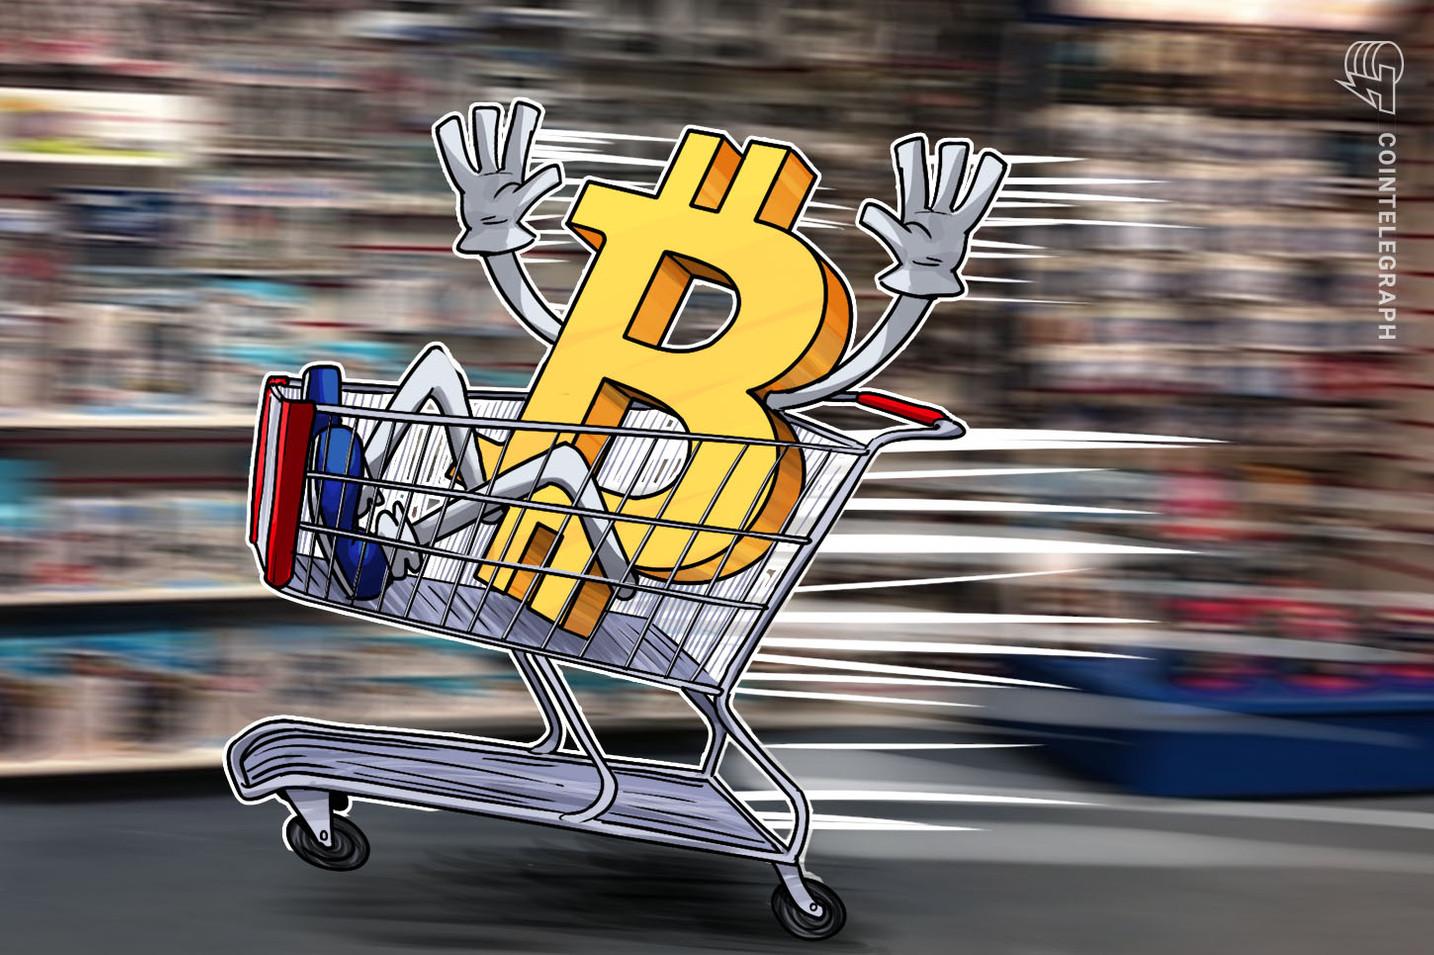 インドネシア規制当局 「ビットコインや仮想通貨は商品取引の一つ」